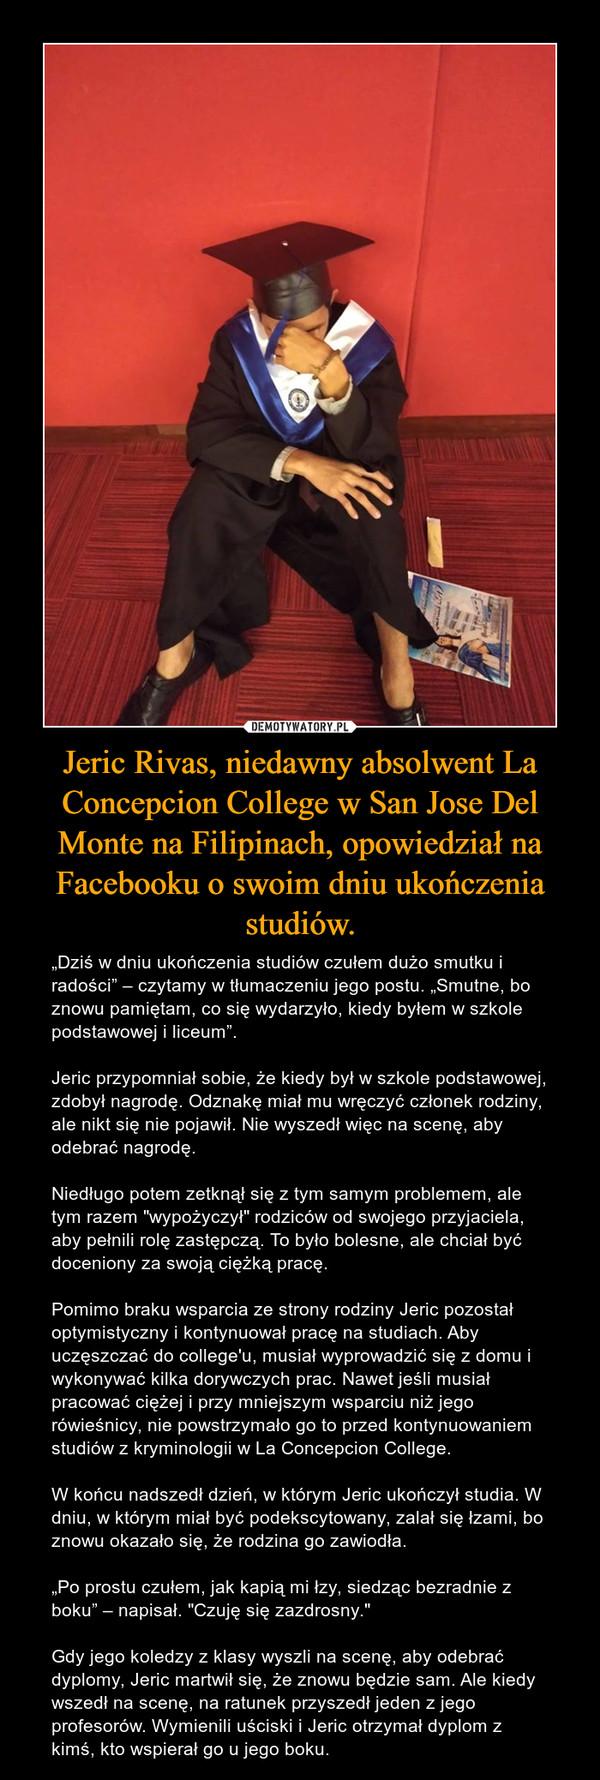 """Jeric Rivas, niedawny absolwent La Concepcion College w San Jose Del Monte na Filipinach, opowiedział na Facebooku o swoim dniu ukończenia studiów. – """"Dziś w dniu ukończenia studiów czułem dużo smutku i radości"""" – czytamy w tłumaczeniu jego postu. """"Smutne, bo znowu pamiętam, co się wydarzyło, kiedy byłem w szkole podstawowej i liceum"""".Jeric przypomniał sobie, że kiedy był w szkole podstawowej, zdobył nagrodę. Odznakę miał mu wręczyć członek rodziny, ale nikt się nie pojawił. Nie wyszedł więc na scenę, aby odebrać nagrodę.Niedługo potem zetknął się z tym samym problemem, ale tym razem """"wypożyczył"""" rodziców od swojego przyjaciela, aby pełnili rolę zastępczą. To było bolesne, ale chciał być doceniony za swoją ciężką pracę.Pomimo braku wsparcia ze strony rodziny Jeric pozostał optymistyczny i kontynuował pracę na studiach. Aby uczęszczać do college'u, musiał wyprowadzić się z domu i wykonywać kilka dorywczych prac. Nawet jeśli musiał pracować ciężej i przy mniejszym wsparciu niż jego rówieśnicy, nie powstrzymało go to przed kontynuowaniem studiów z kryminologii w La Concepcion College.W końcu nadszedł dzień, w którym Jeric ukończył studia. W dniu, w którym miał być podekscytowany, zalał się łzami, bo znowu okazało się, że rodzina go zawiodła.""""Po prostu czułem, jak kapią mi łzy, siedząc bezradnie z boku"""" – napisał. """"Czuję się zazdrosny.""""Gdy jego koledzy z klasy wyszli na scenę, aby odebrać dyplomy, Jeric martwił się, że znowu będzie sam. Ale kiedy wszedł na scenę, na ratunek przyszedł jeden z jego profesorów. Wymienili uściski i Jeric otrzymał dyplom z kimś, kto wspierał go u jego boku."""